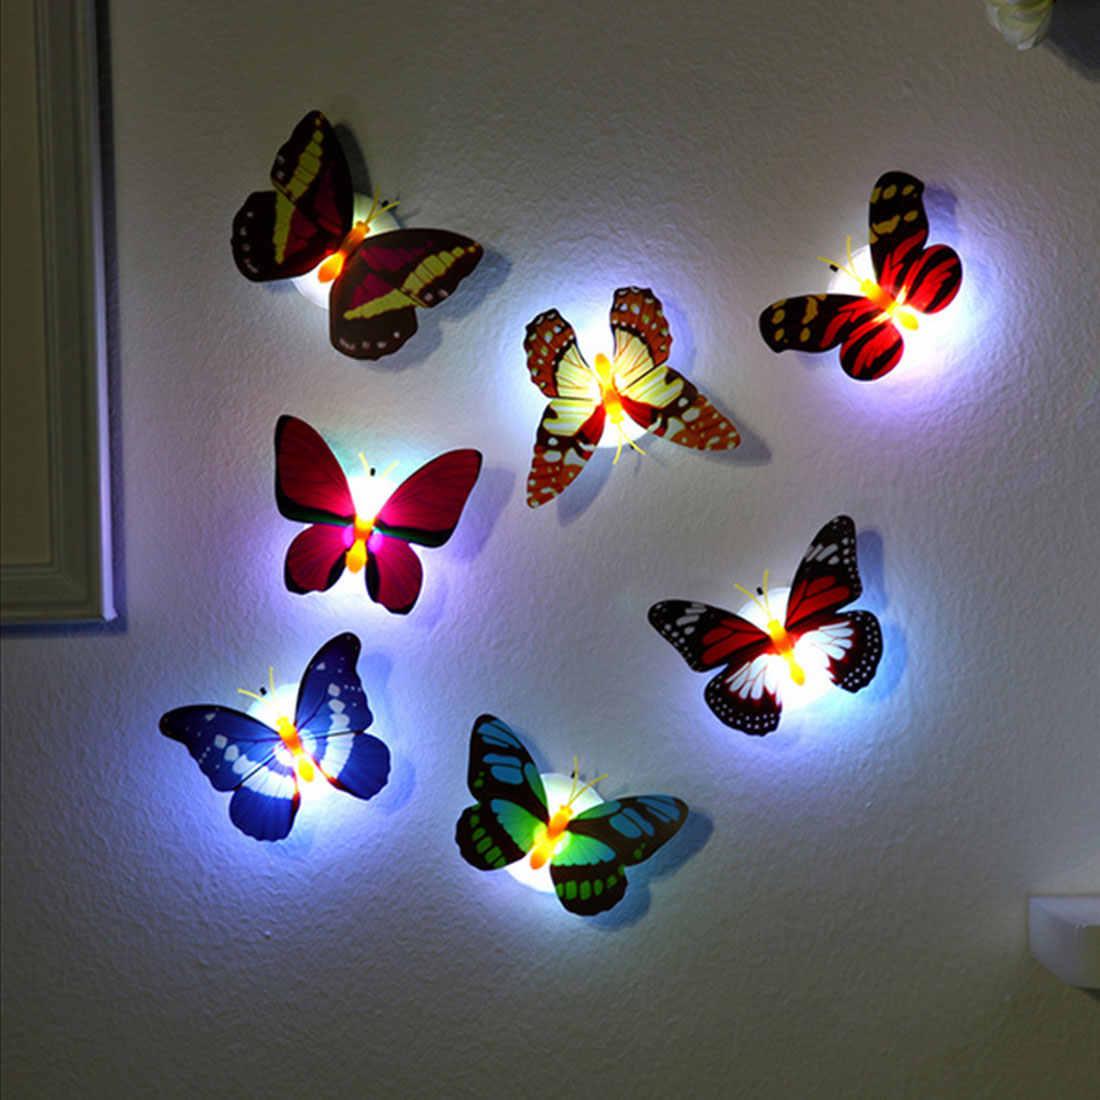 Домашние вечерние настольные Настенные светодиодные лампочки для декора ночник лампа с красочными изменяющимися бабочками крытый свет с Вакуумная присоска